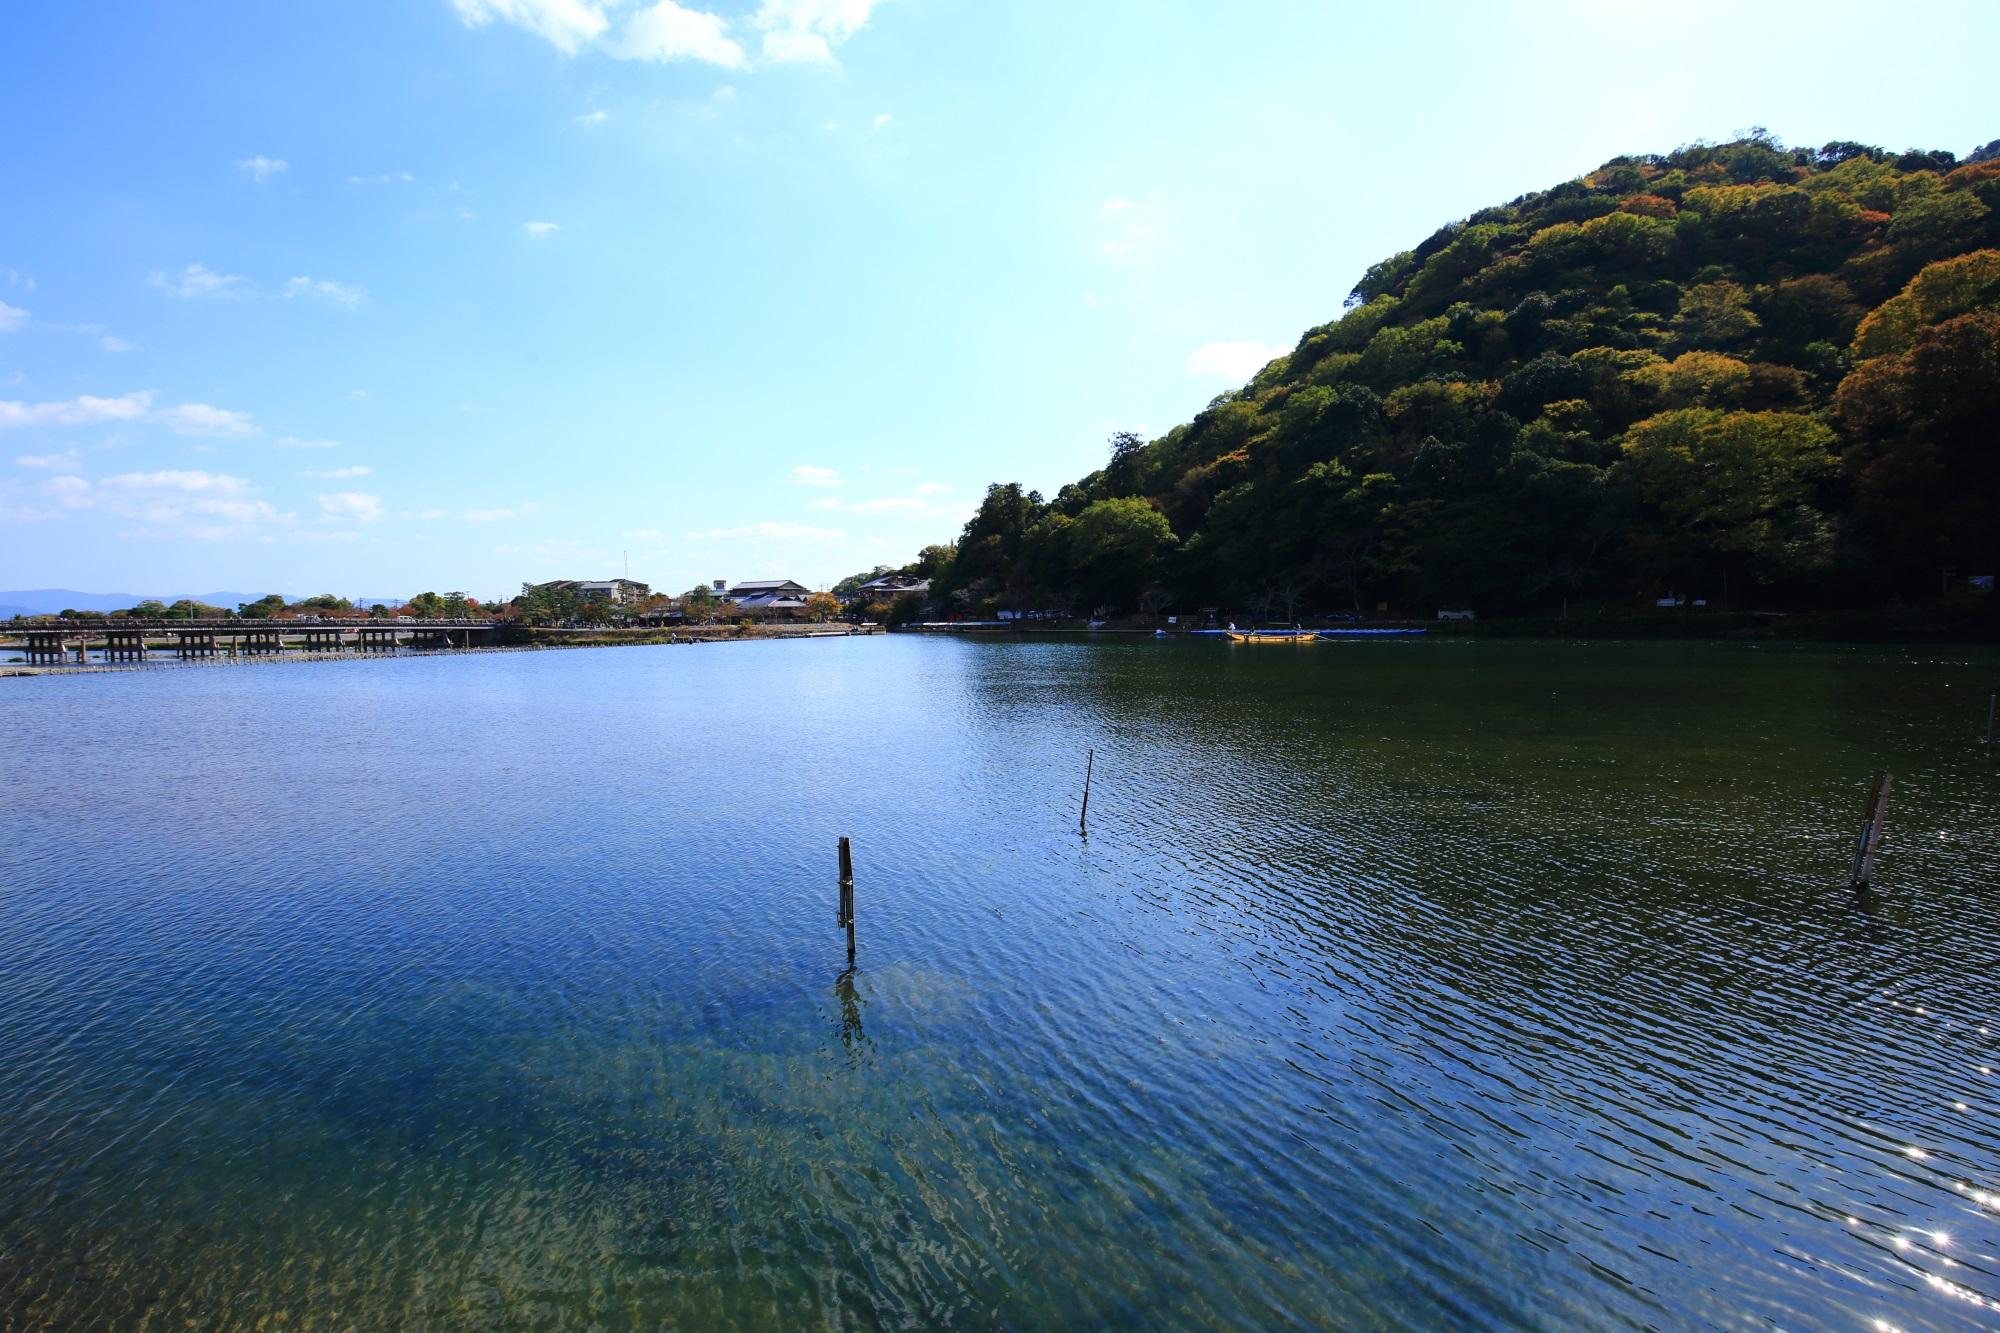 美しい桂川と渡月橋